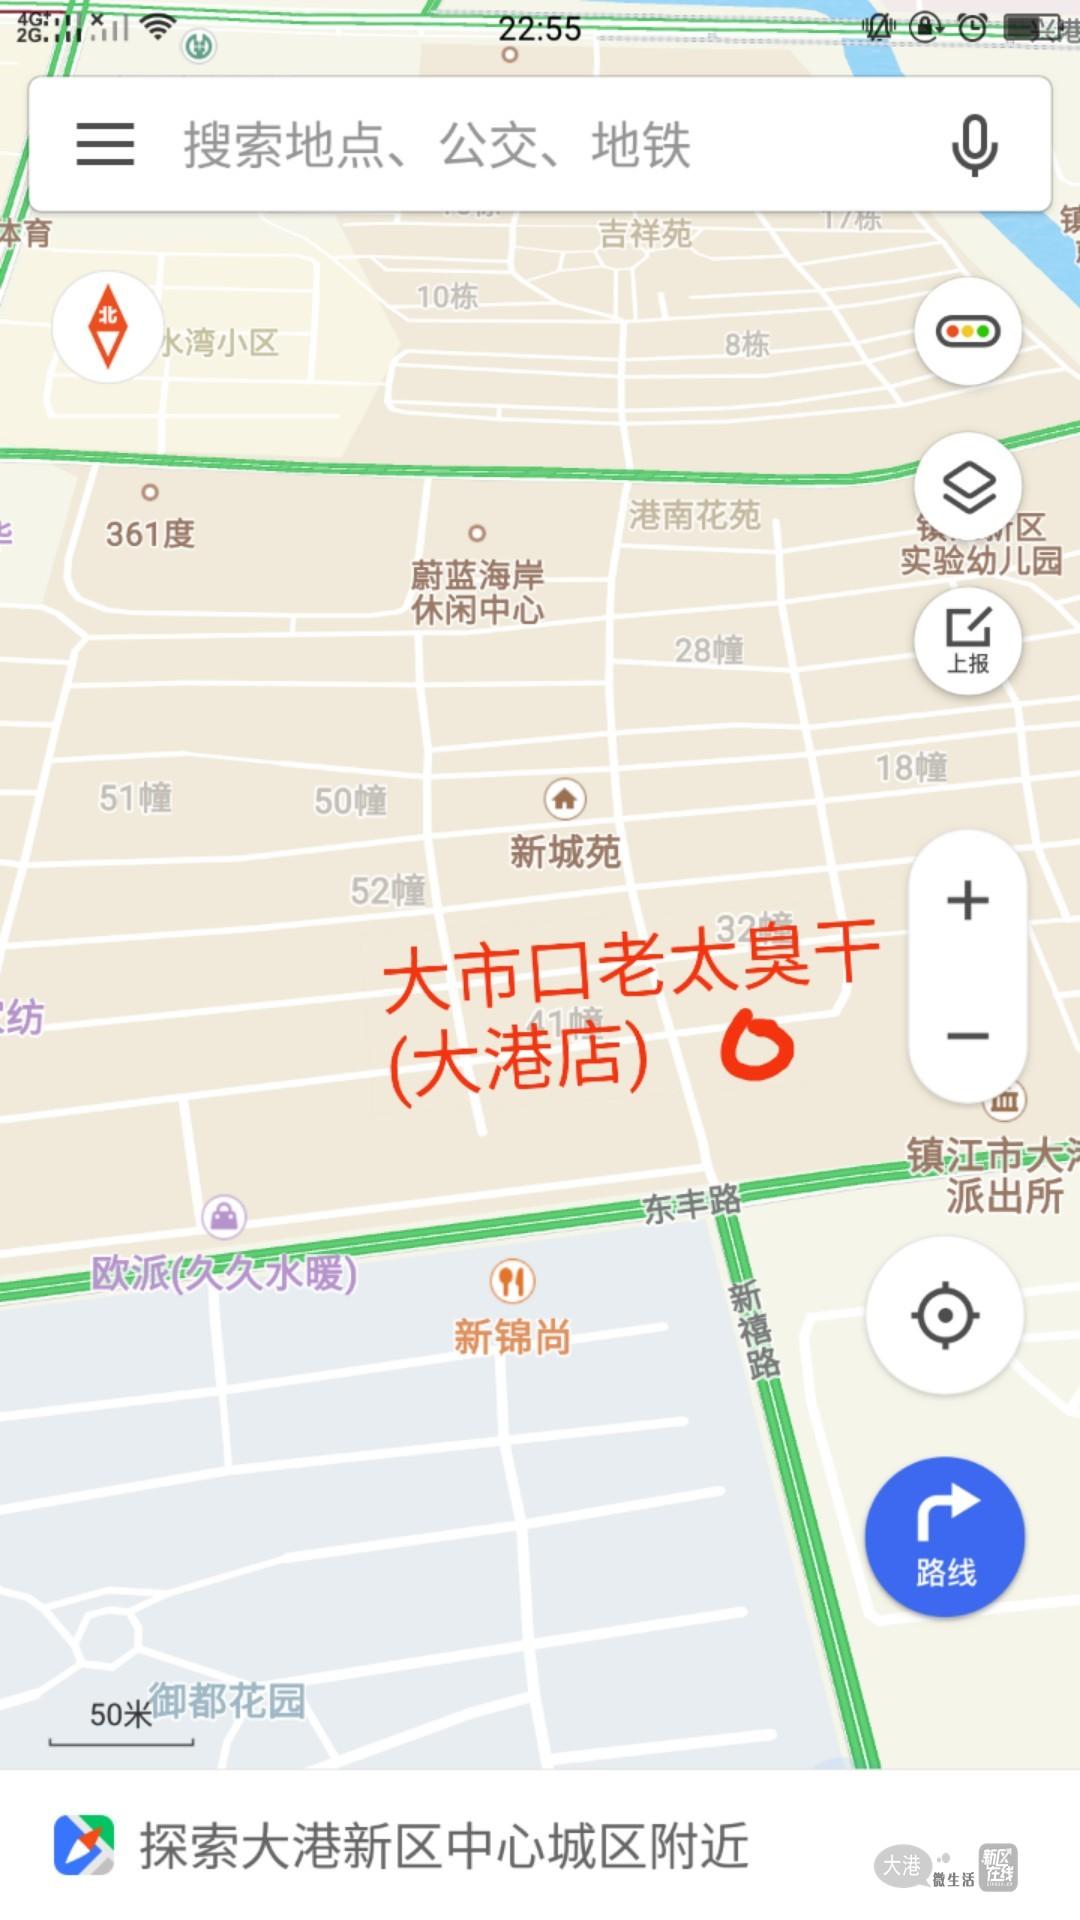 大市口老太臭干大港店——新店开业!!!